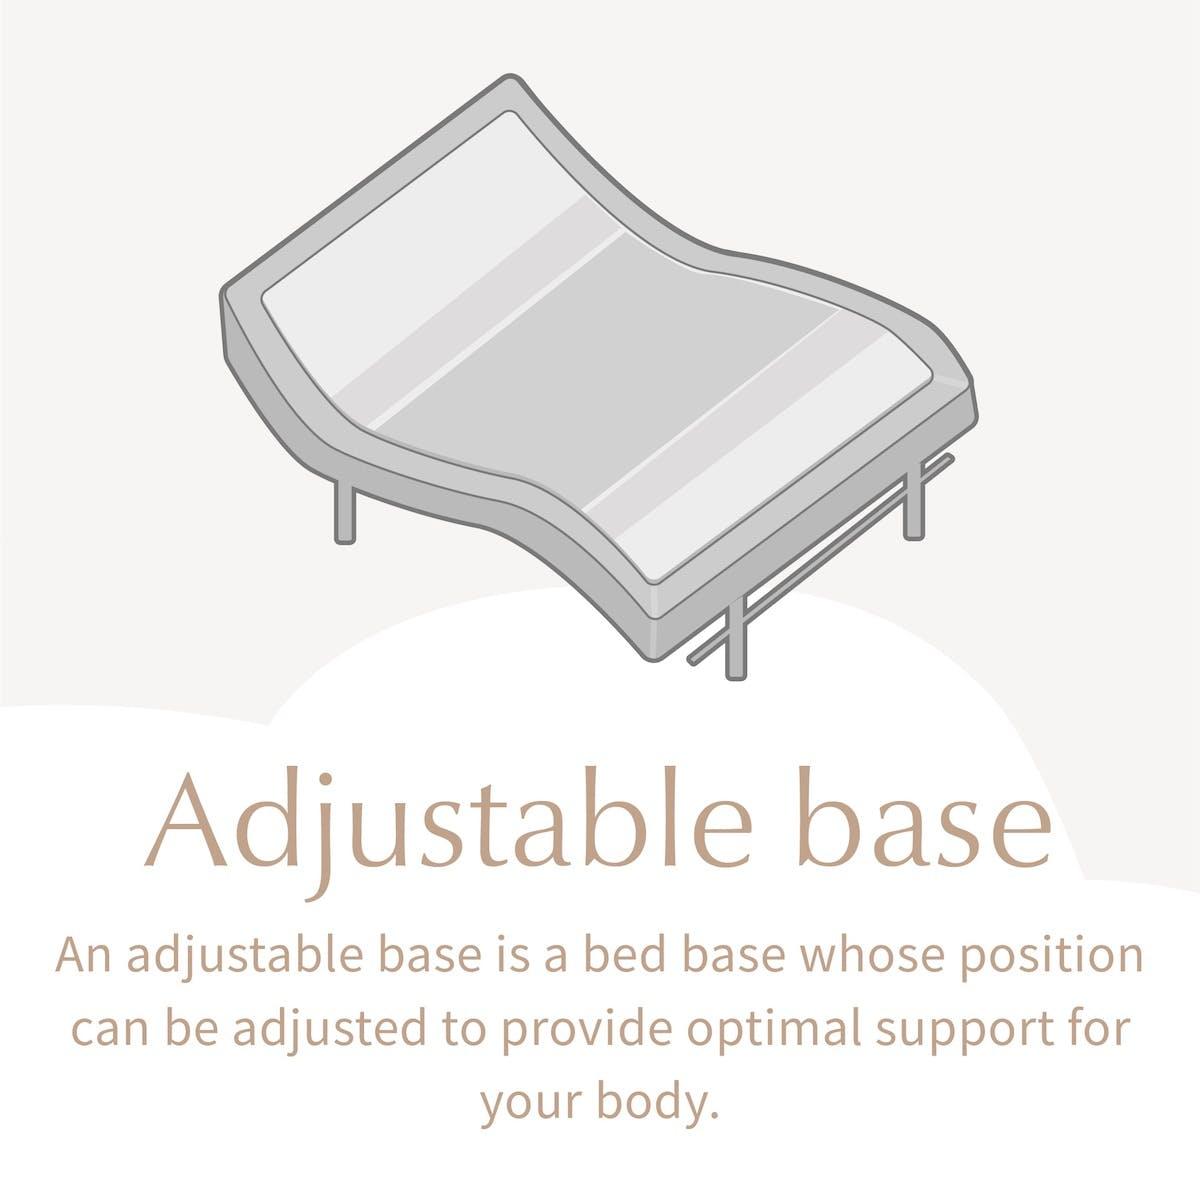 adjustable base illustration